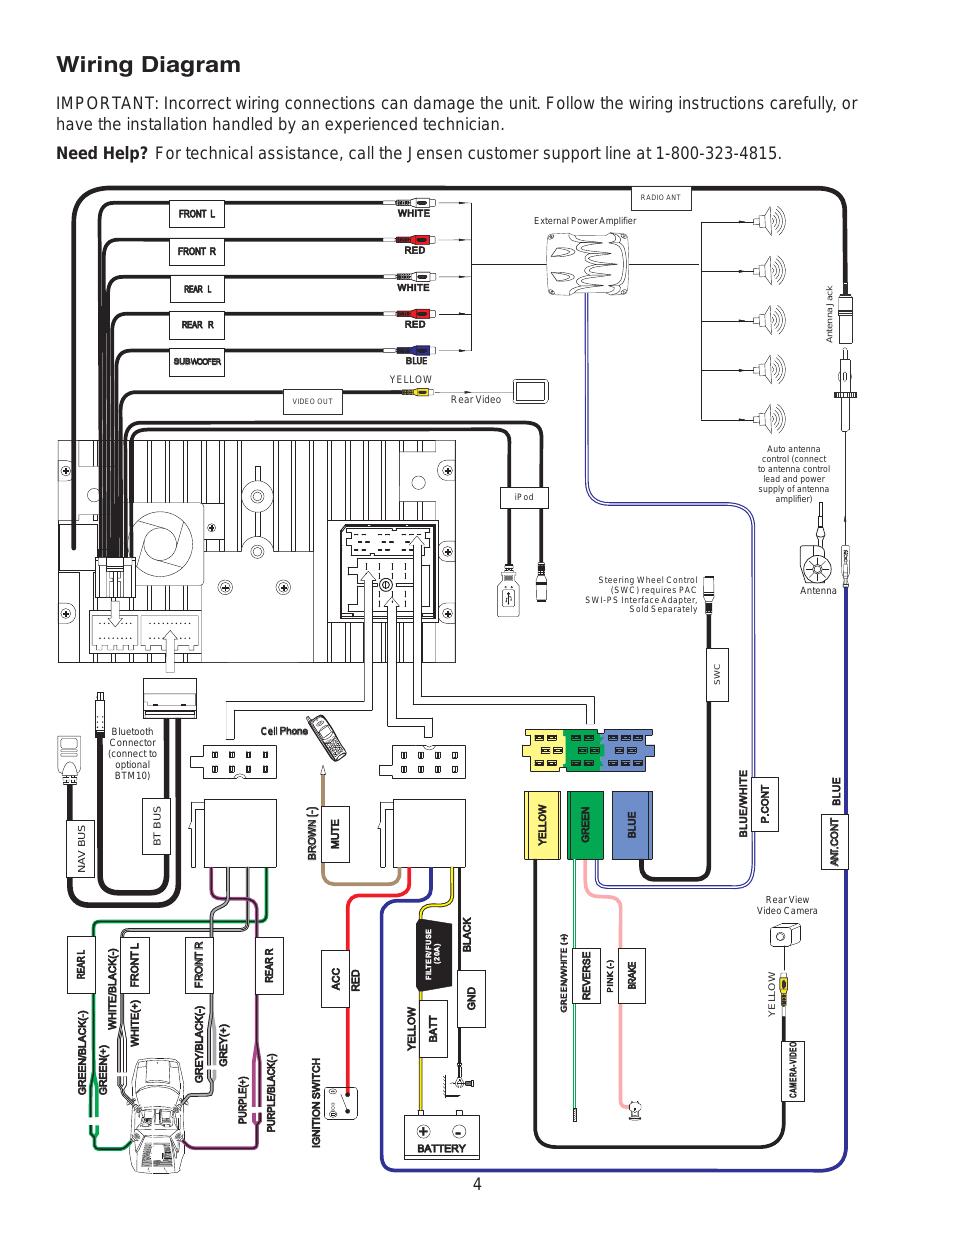 wiring diagram jensen vm9224 user manual page 4 12 jensen vx7020 wiring diagram jensen wiring diagram